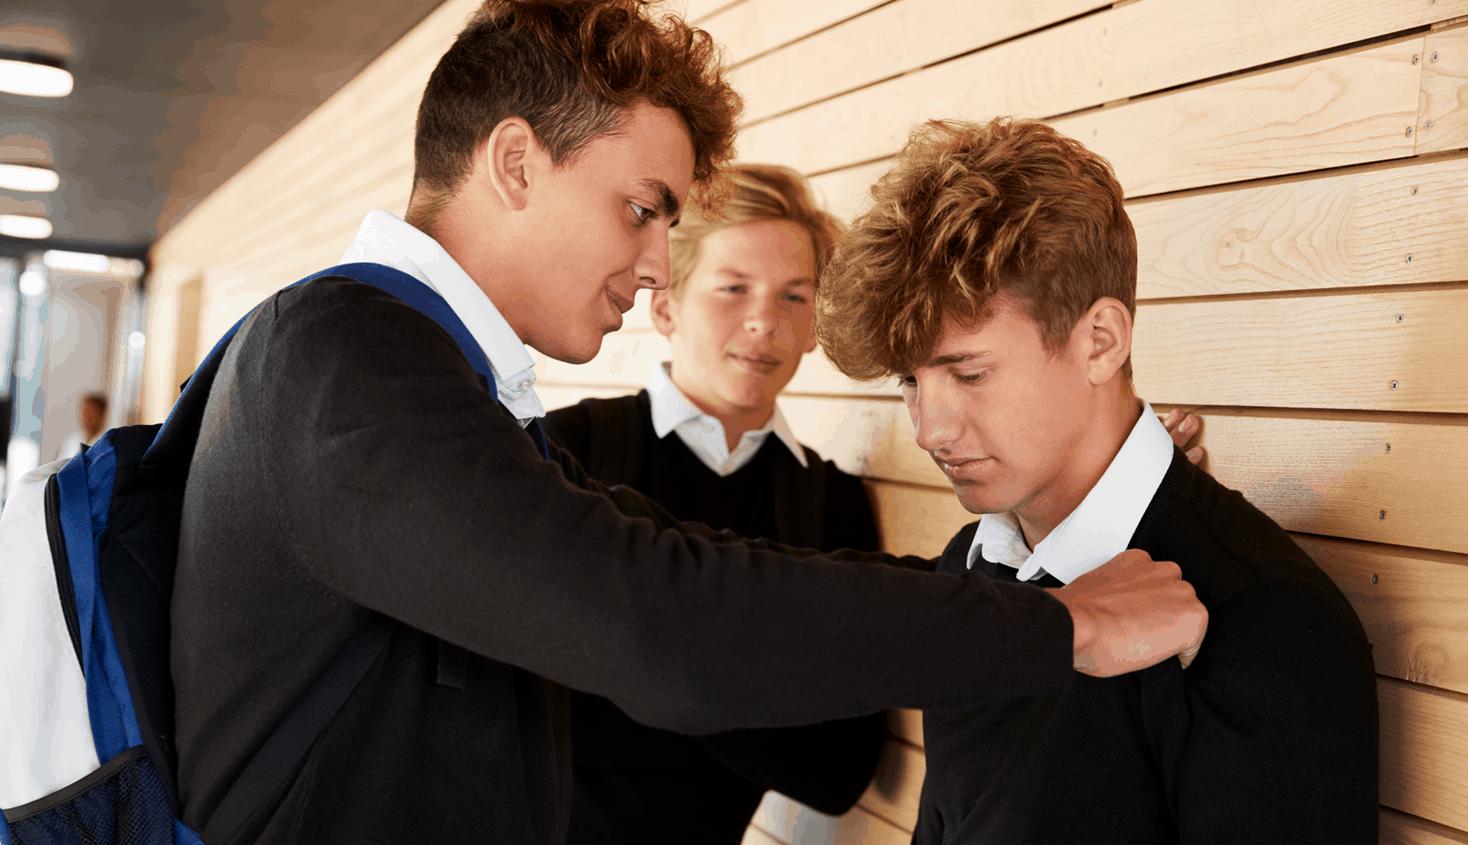 Todo sobre el bullying. ¿Tus hijos lo sufren o lo infringen?